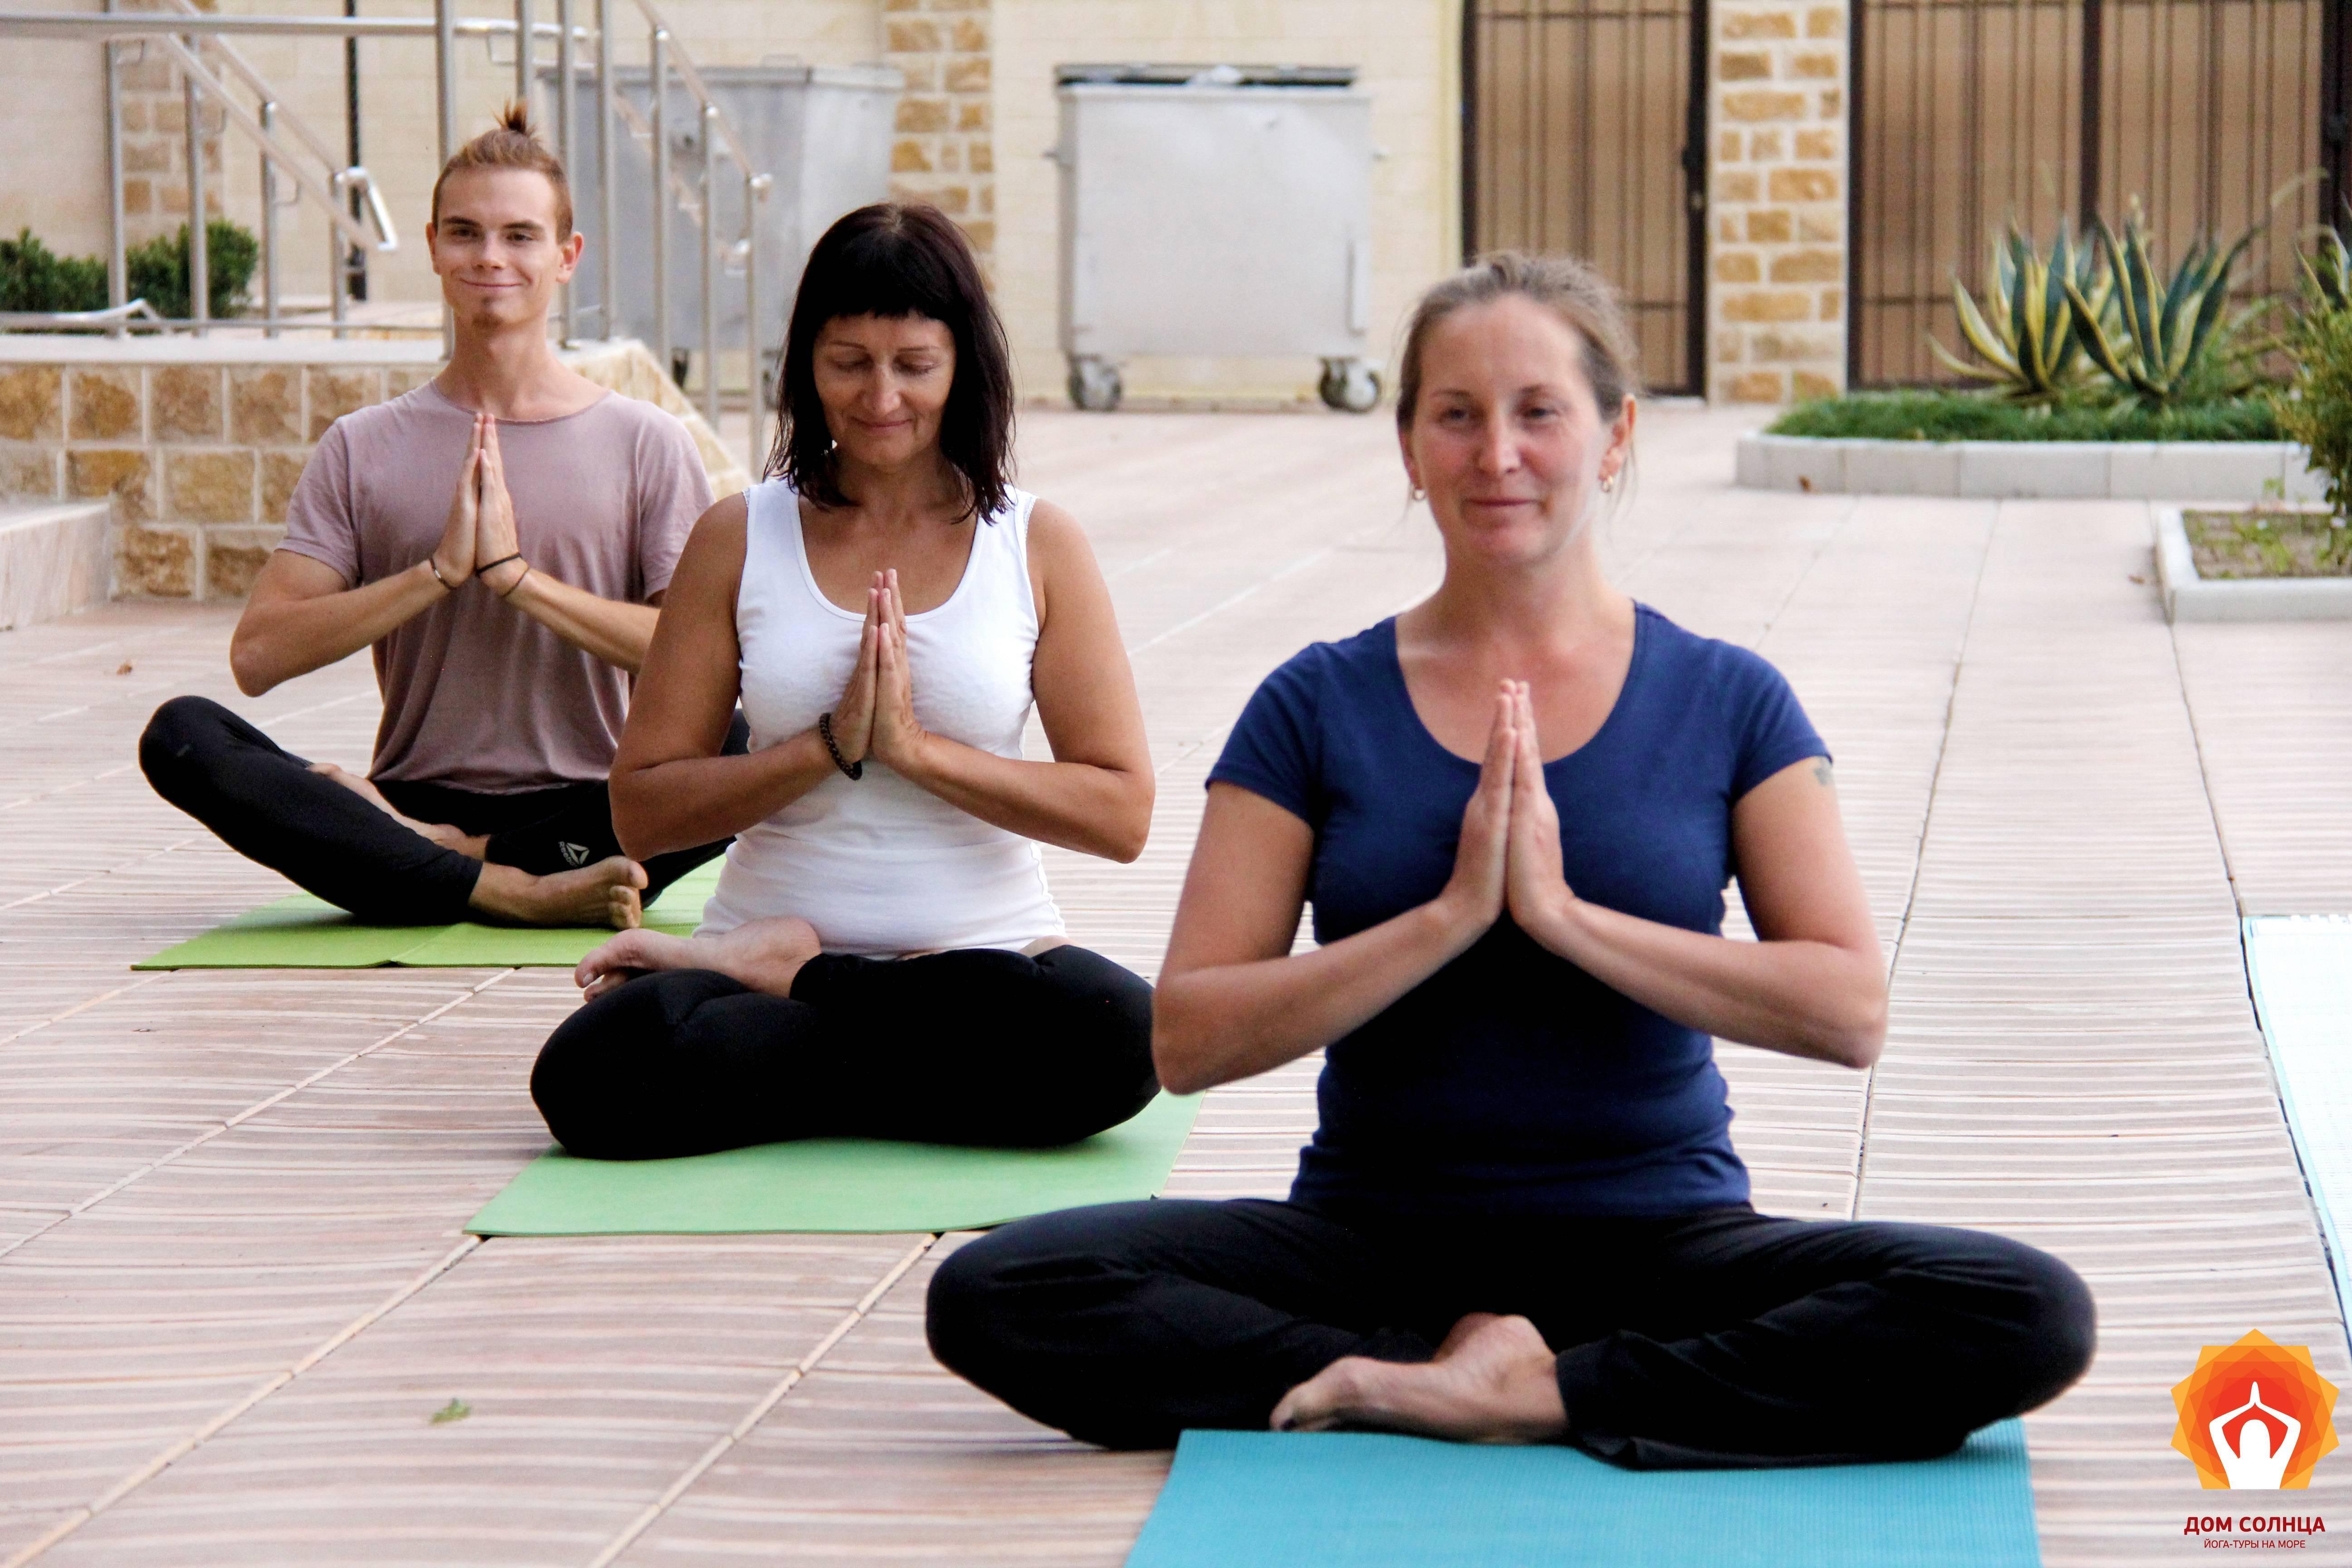 Звёзды в позе йоги